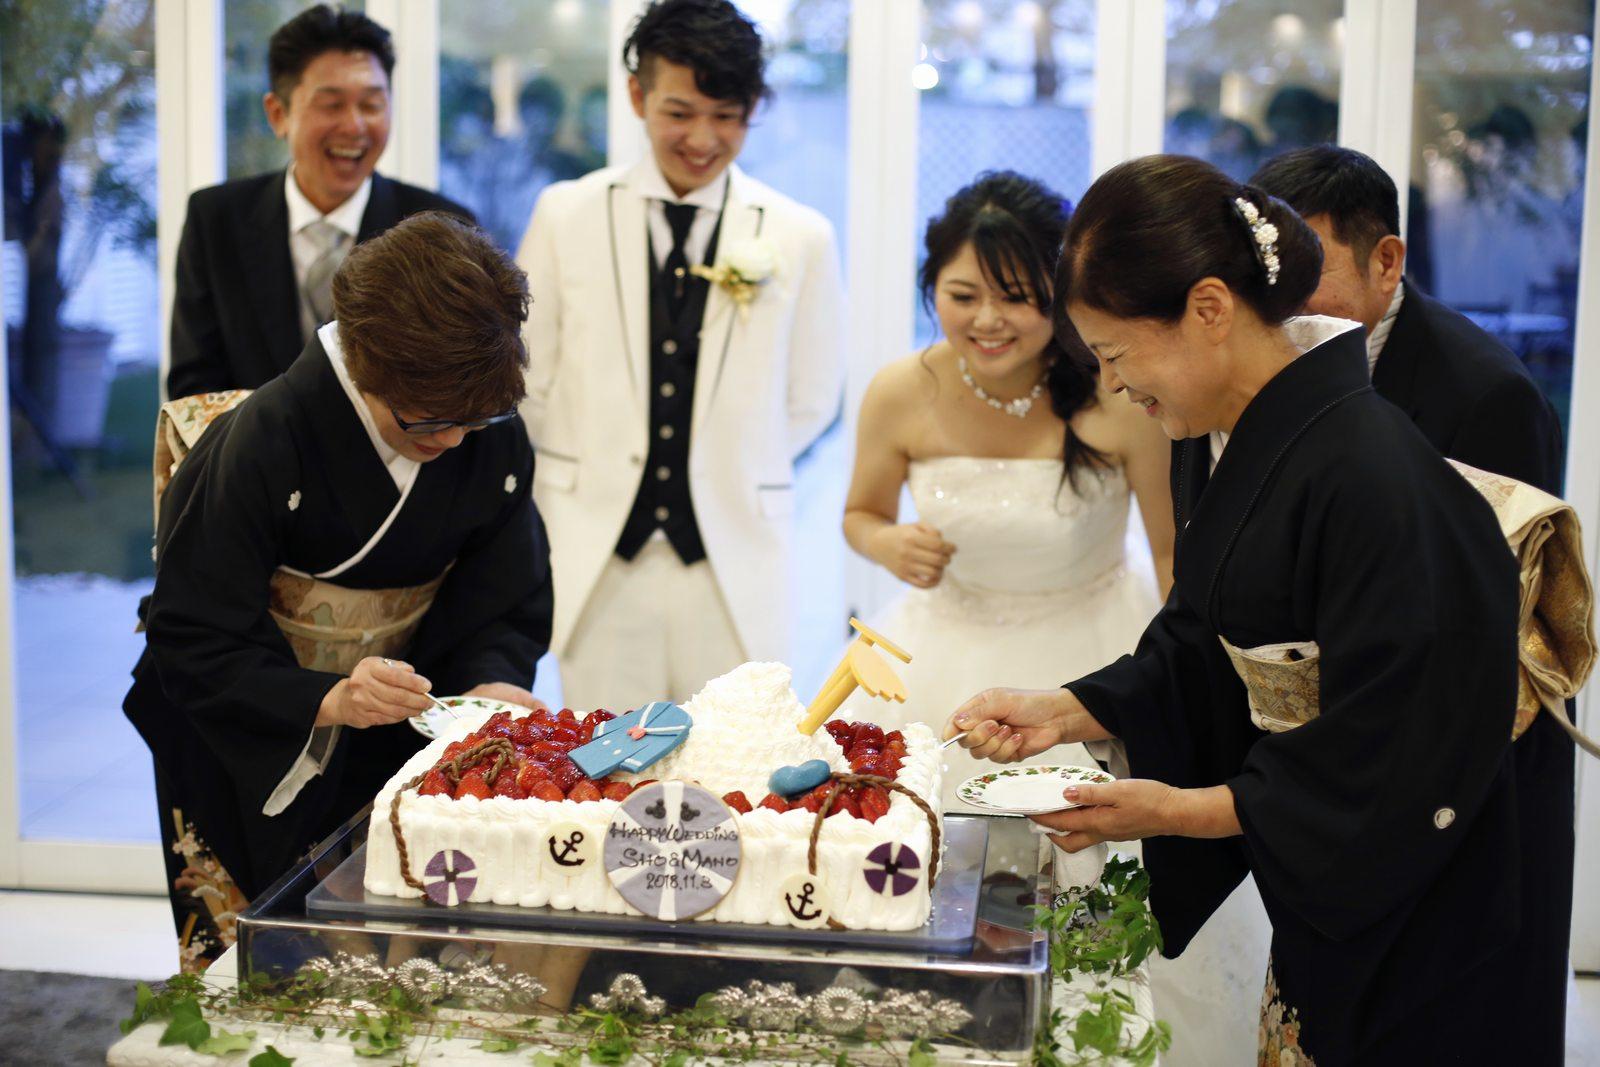 香川県高松市の結婚式場シェルエメール&アイスタイル ファーストバイト